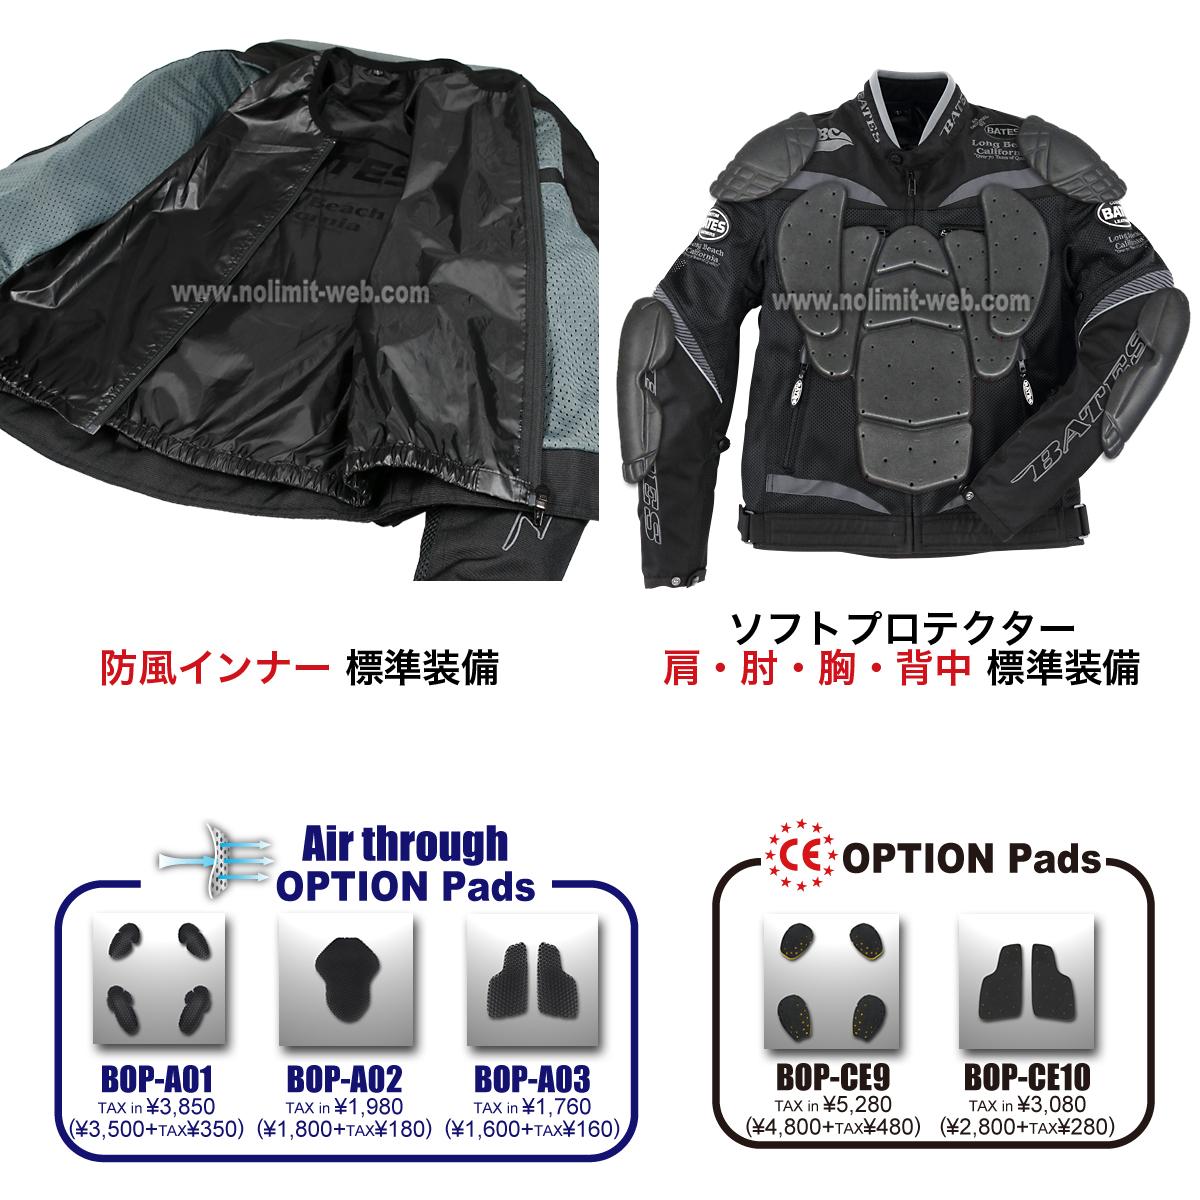 BJ-M2111SPL ベイツ 2wayメッシュジャケット(インナー付き)